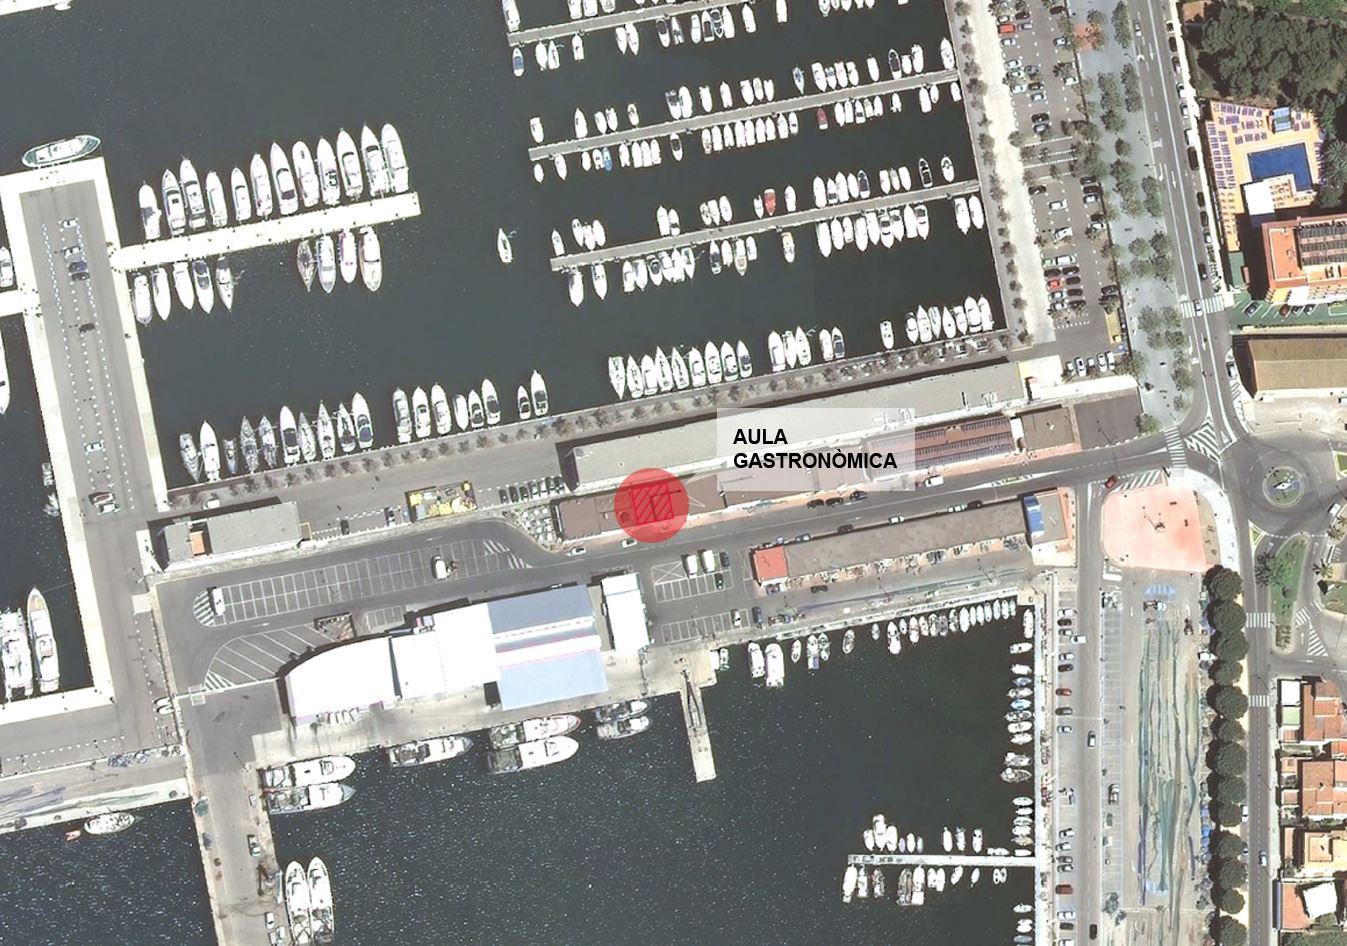 Cessió del local que acollirà l'Aula Gastronòmica al port de Roses